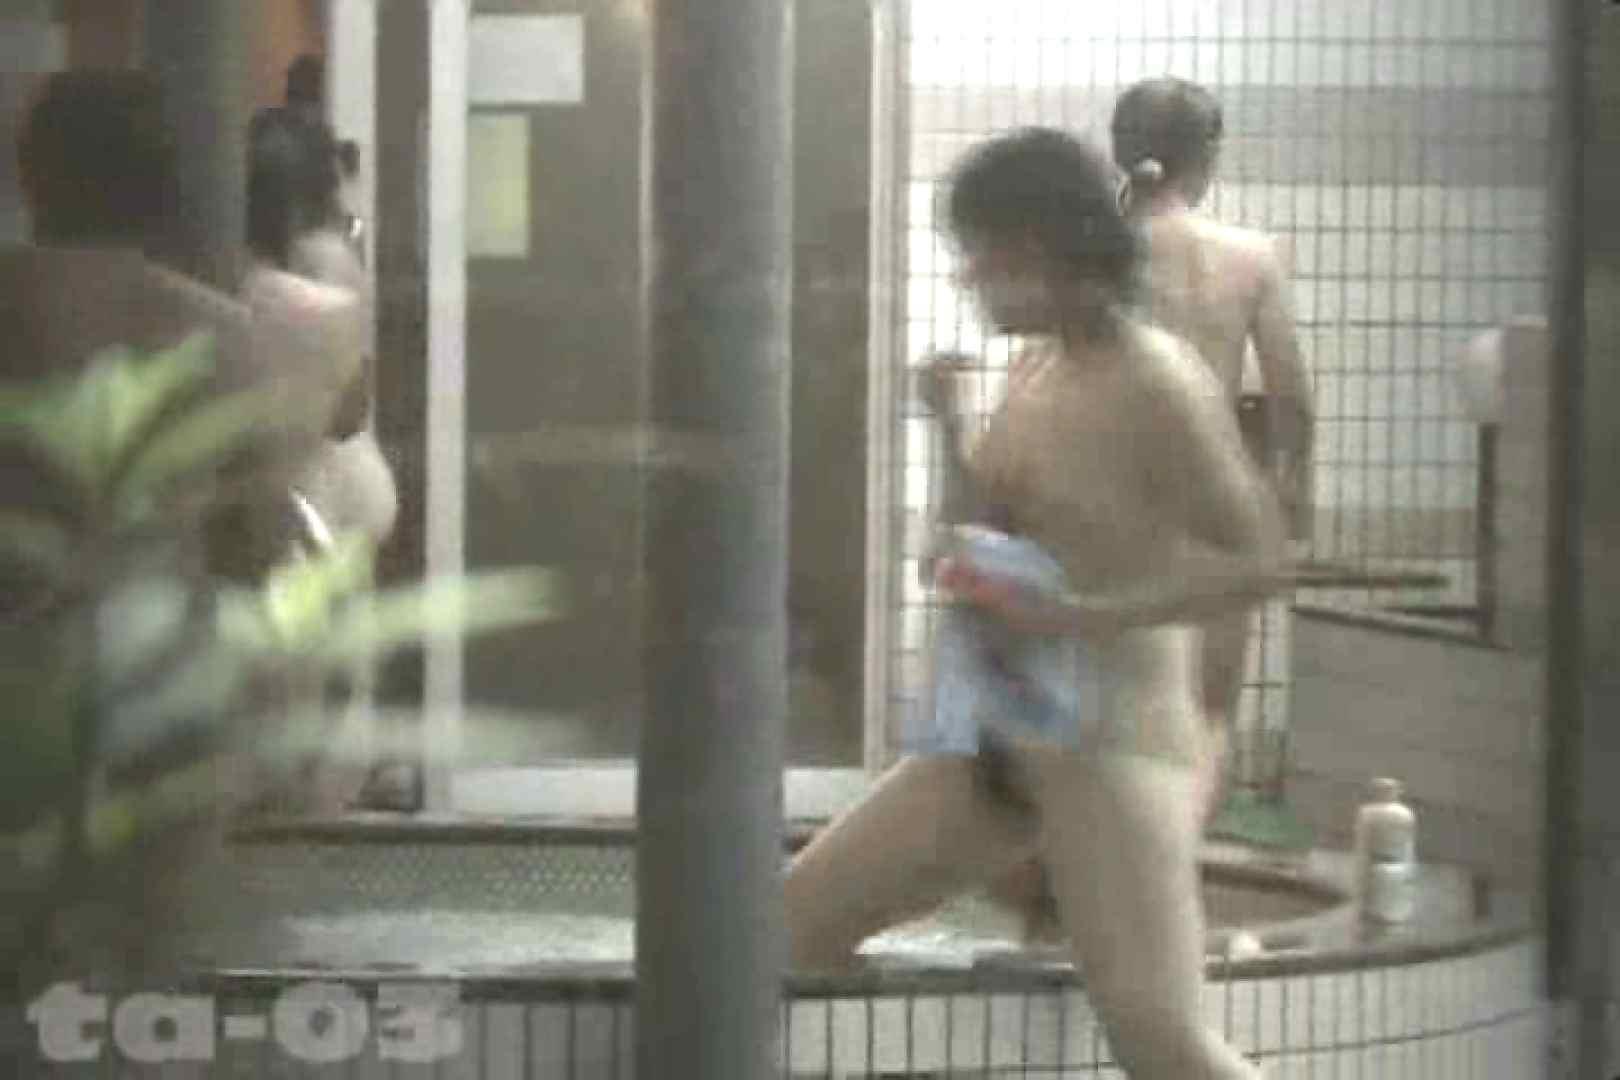 合宿ホテル女風呂盗撮高画質版 Vol.03 高画質 盗み撮りSEX無修正画像 49pic 27